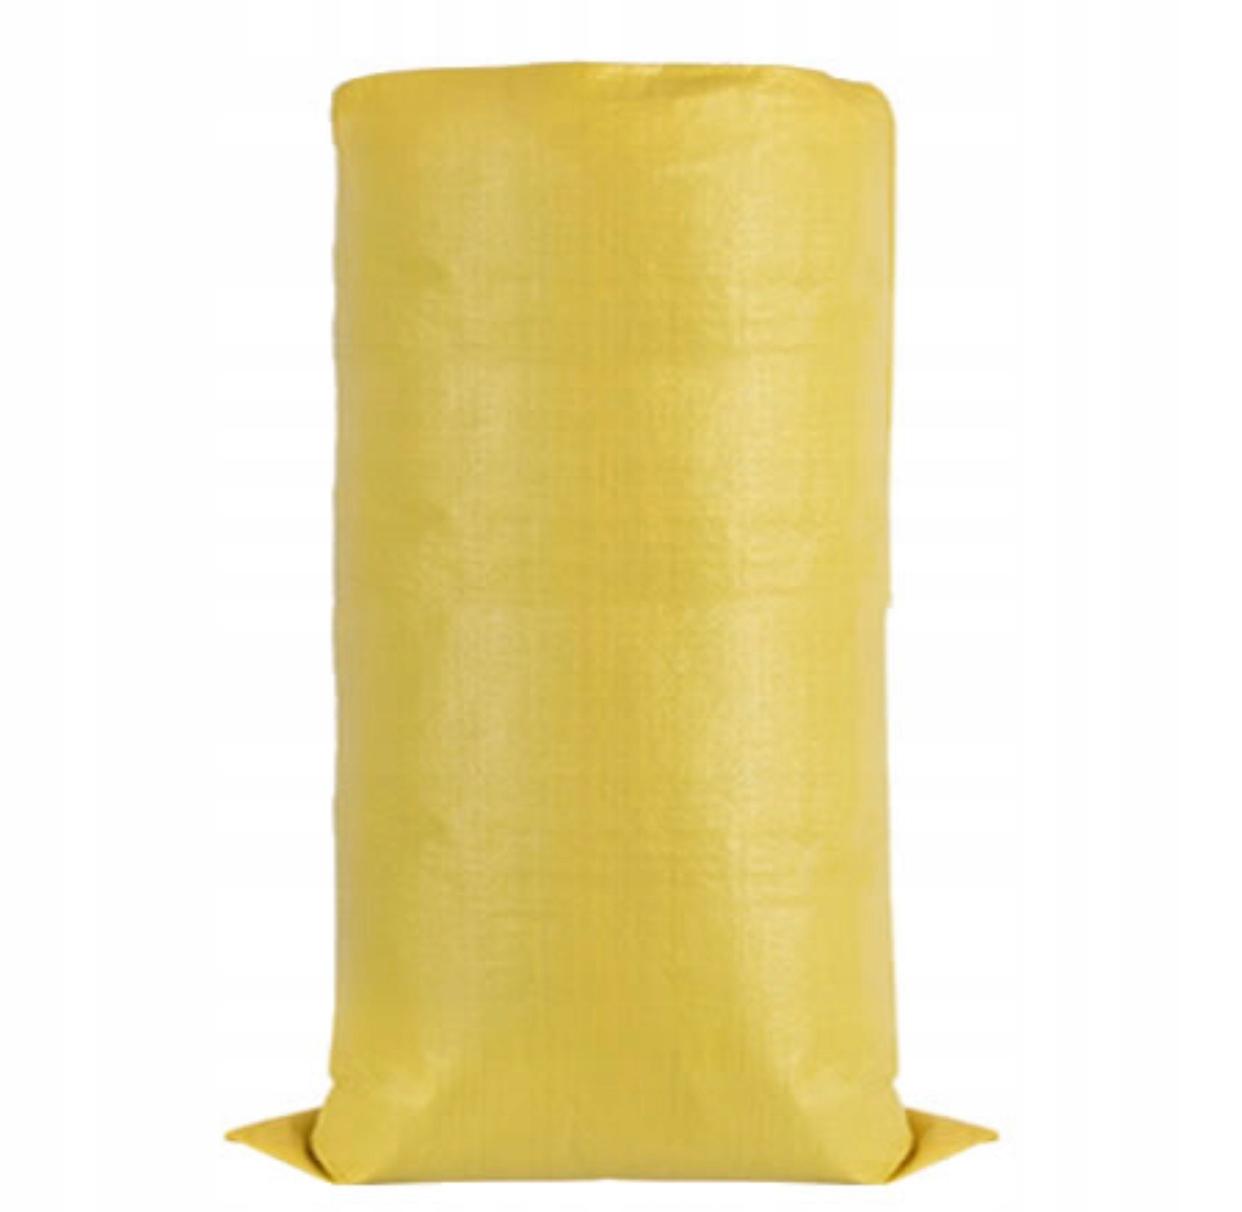 мешки для эко-горошка, зерна, песка 25 кг